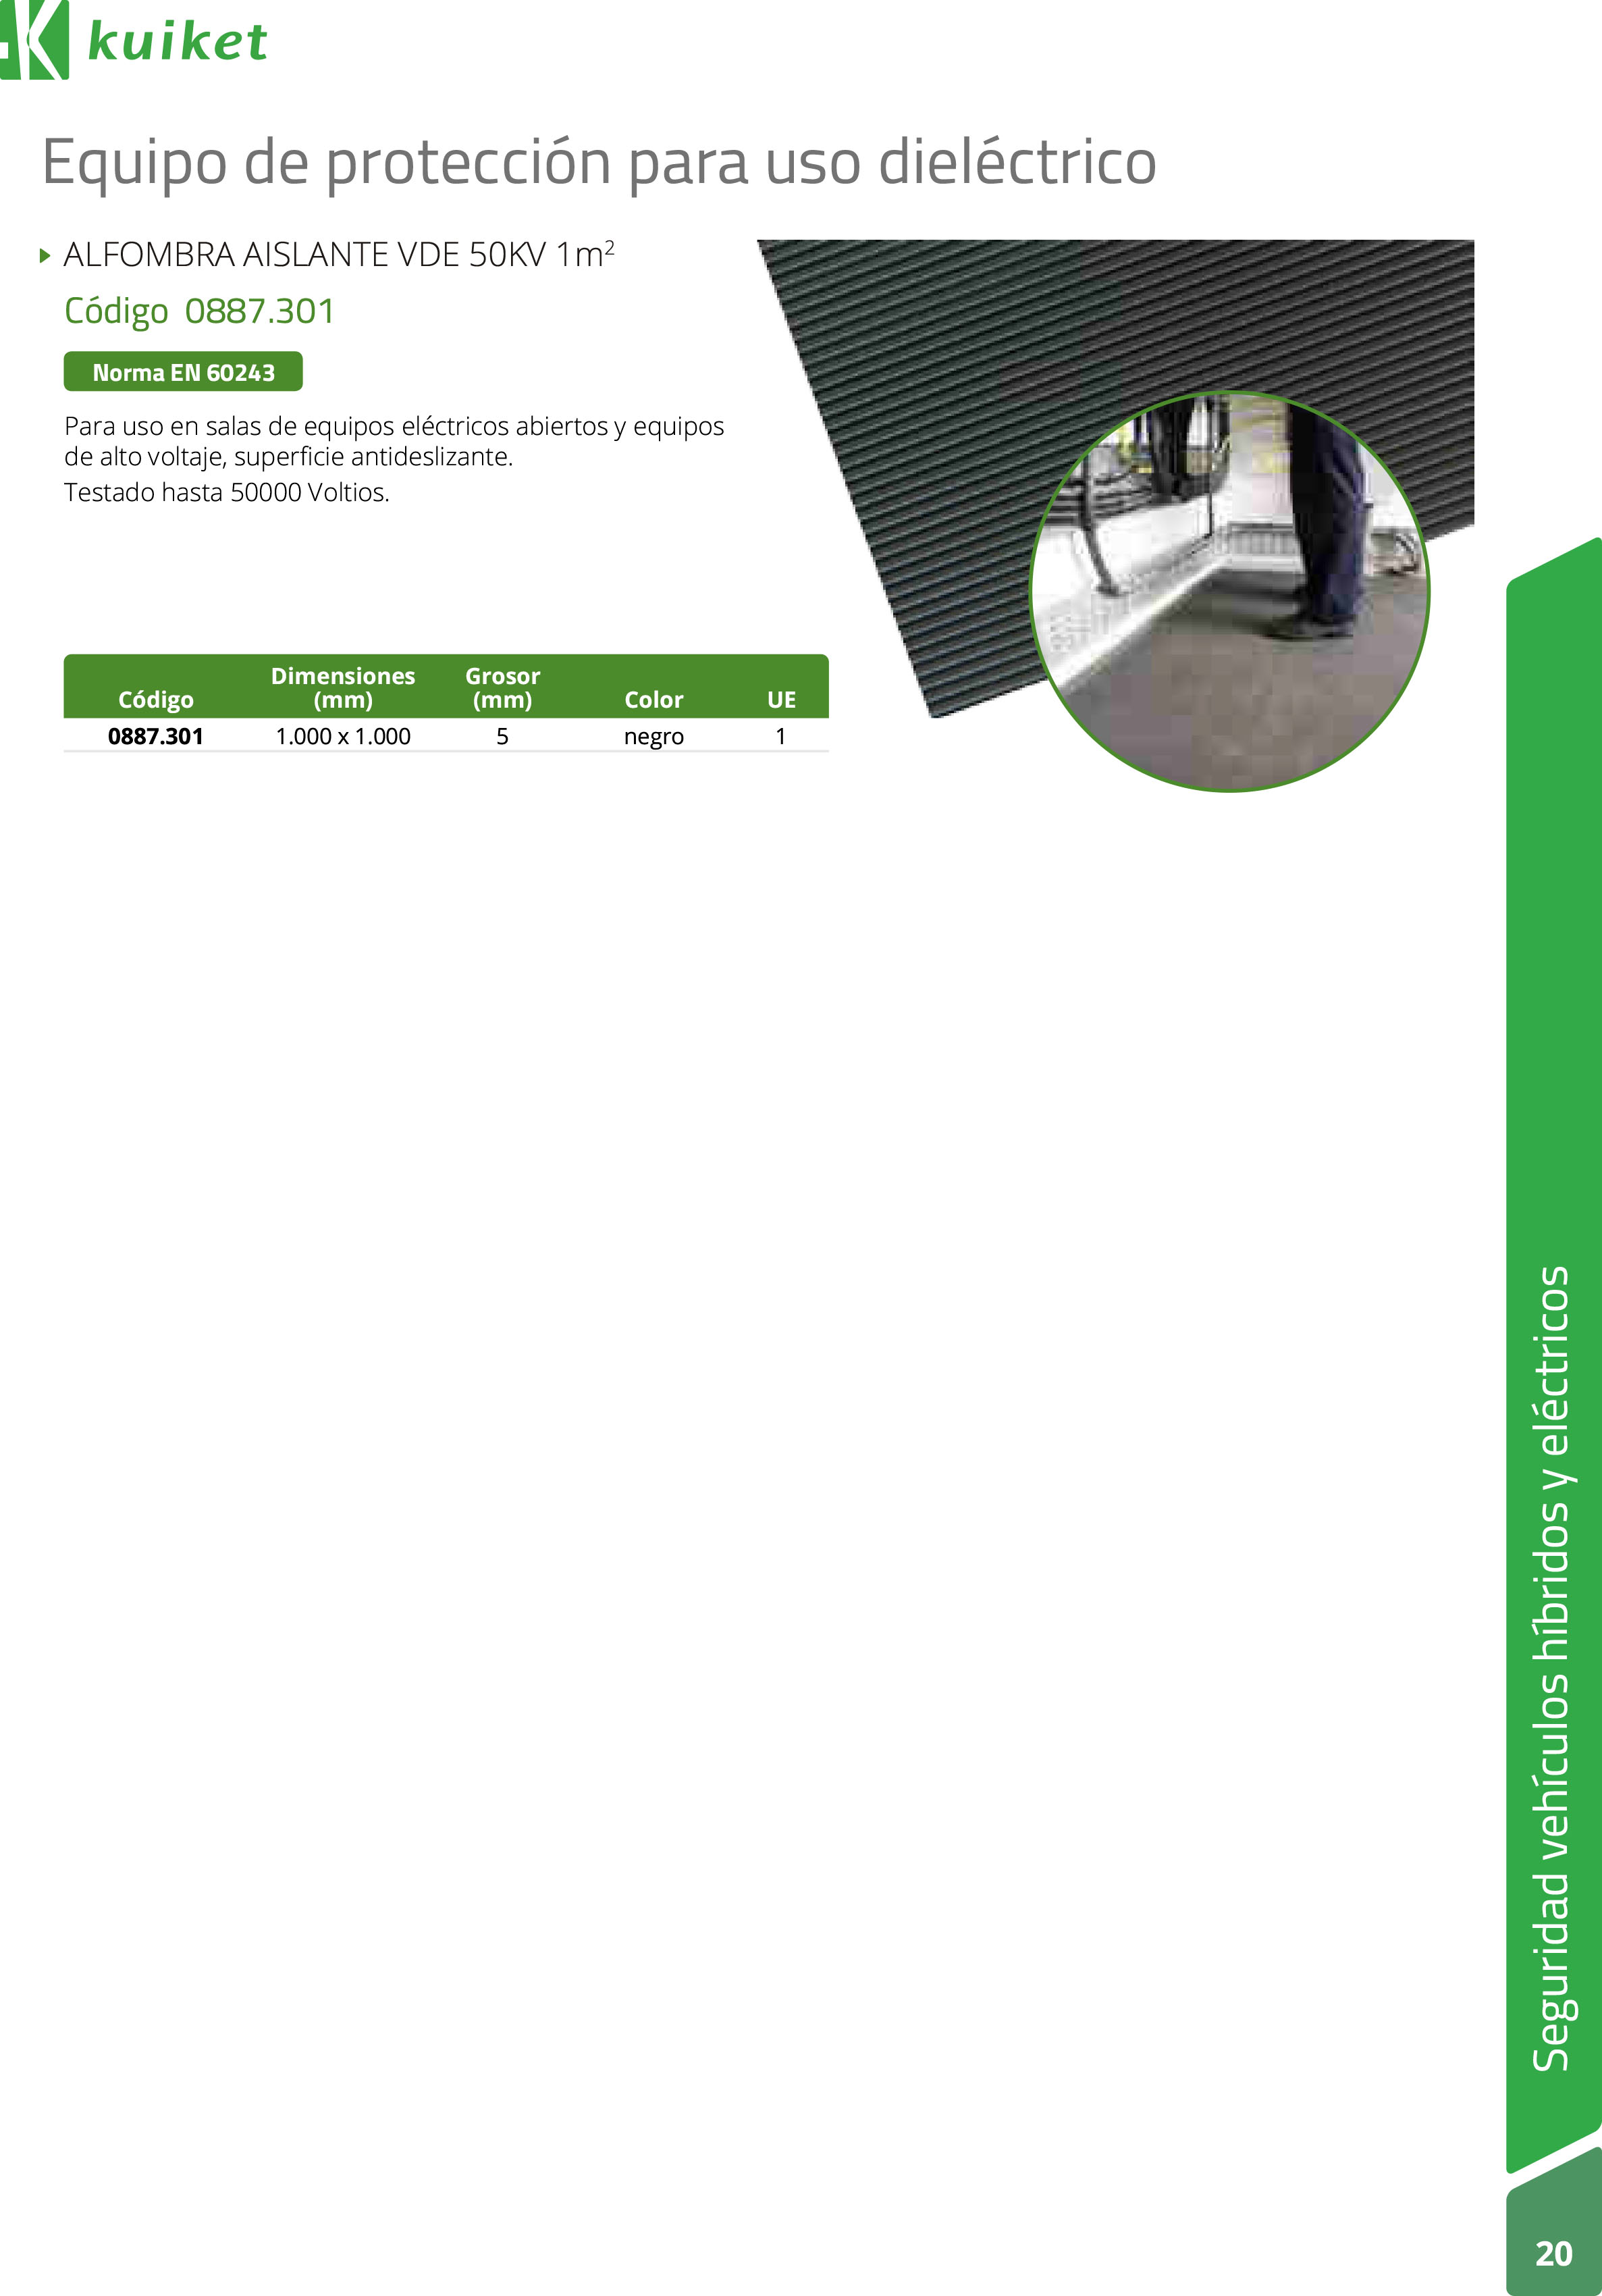 Página 5 de materiales dieléctricos